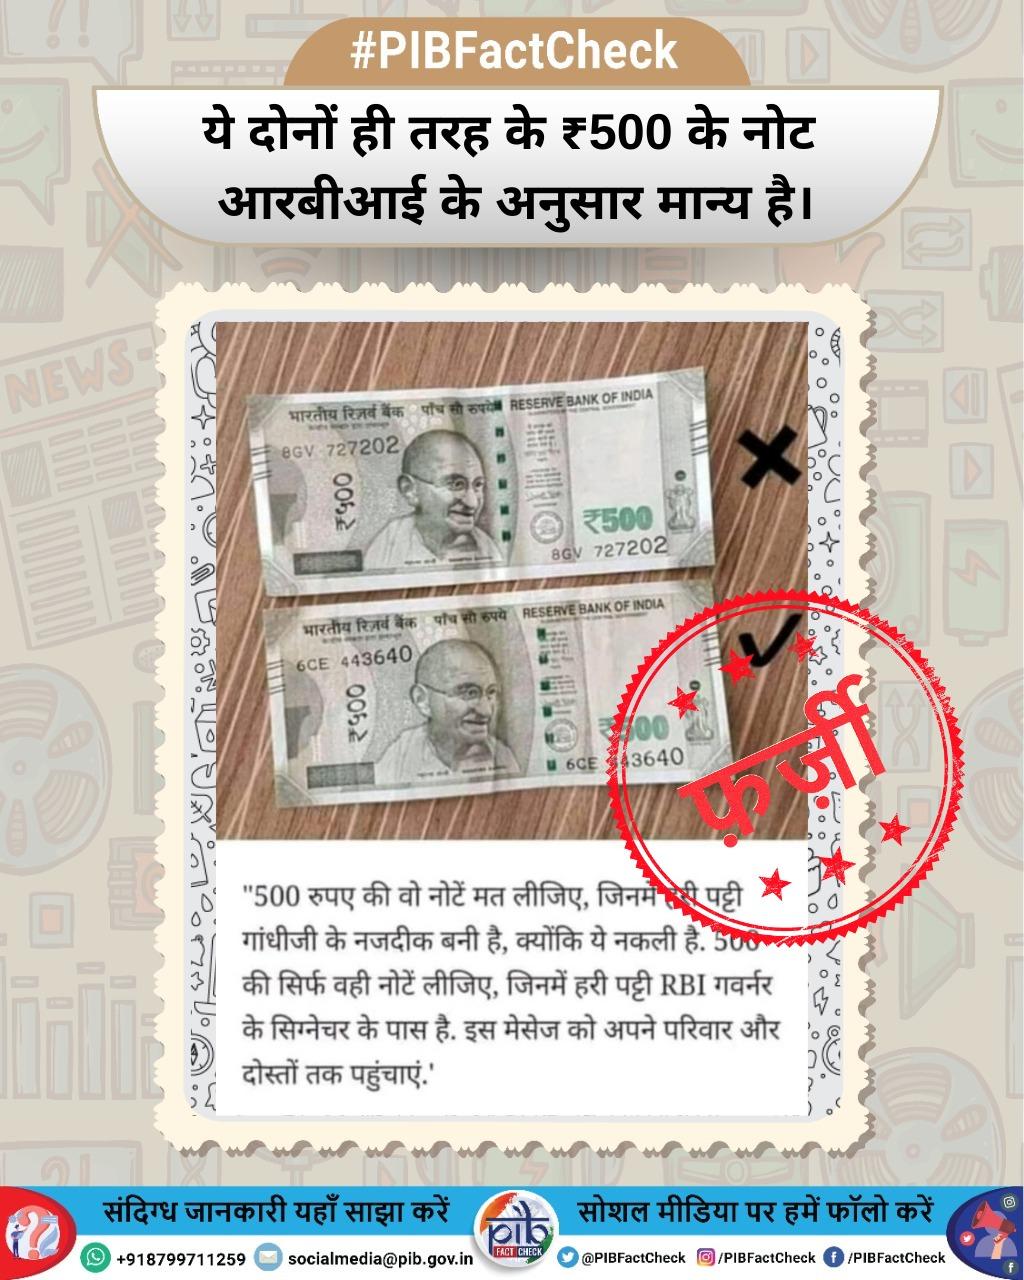 एक तस्वीर पर फ़र्ज़ी शब्द की मोहर जिसमें दावा किया गया है कि ₹500 का वह नोट नहीं लेना चाहिए जिसमें हरी पट्टी आरबीआई गवर्नर के सिग्नेचर के पास न होकर गांधीजी की तस्वीर के पास होती है।